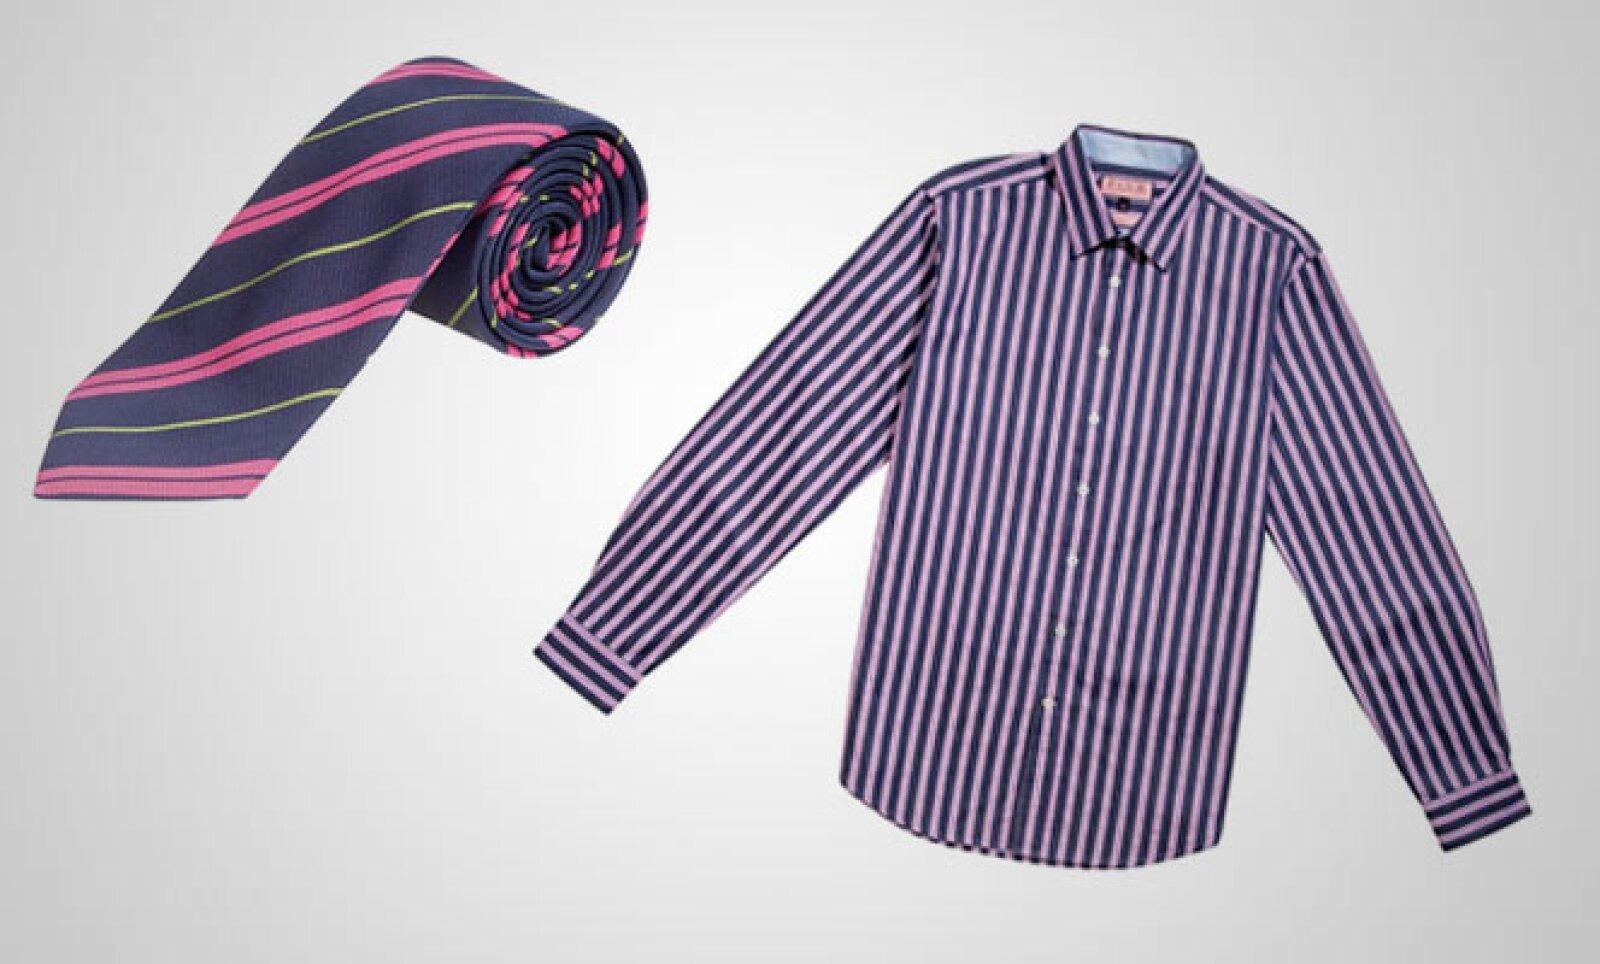 Un estilo más atrevido, con esta camisa a rayas dobles y una corbata que combina sutilmente el color rosa con el verde.